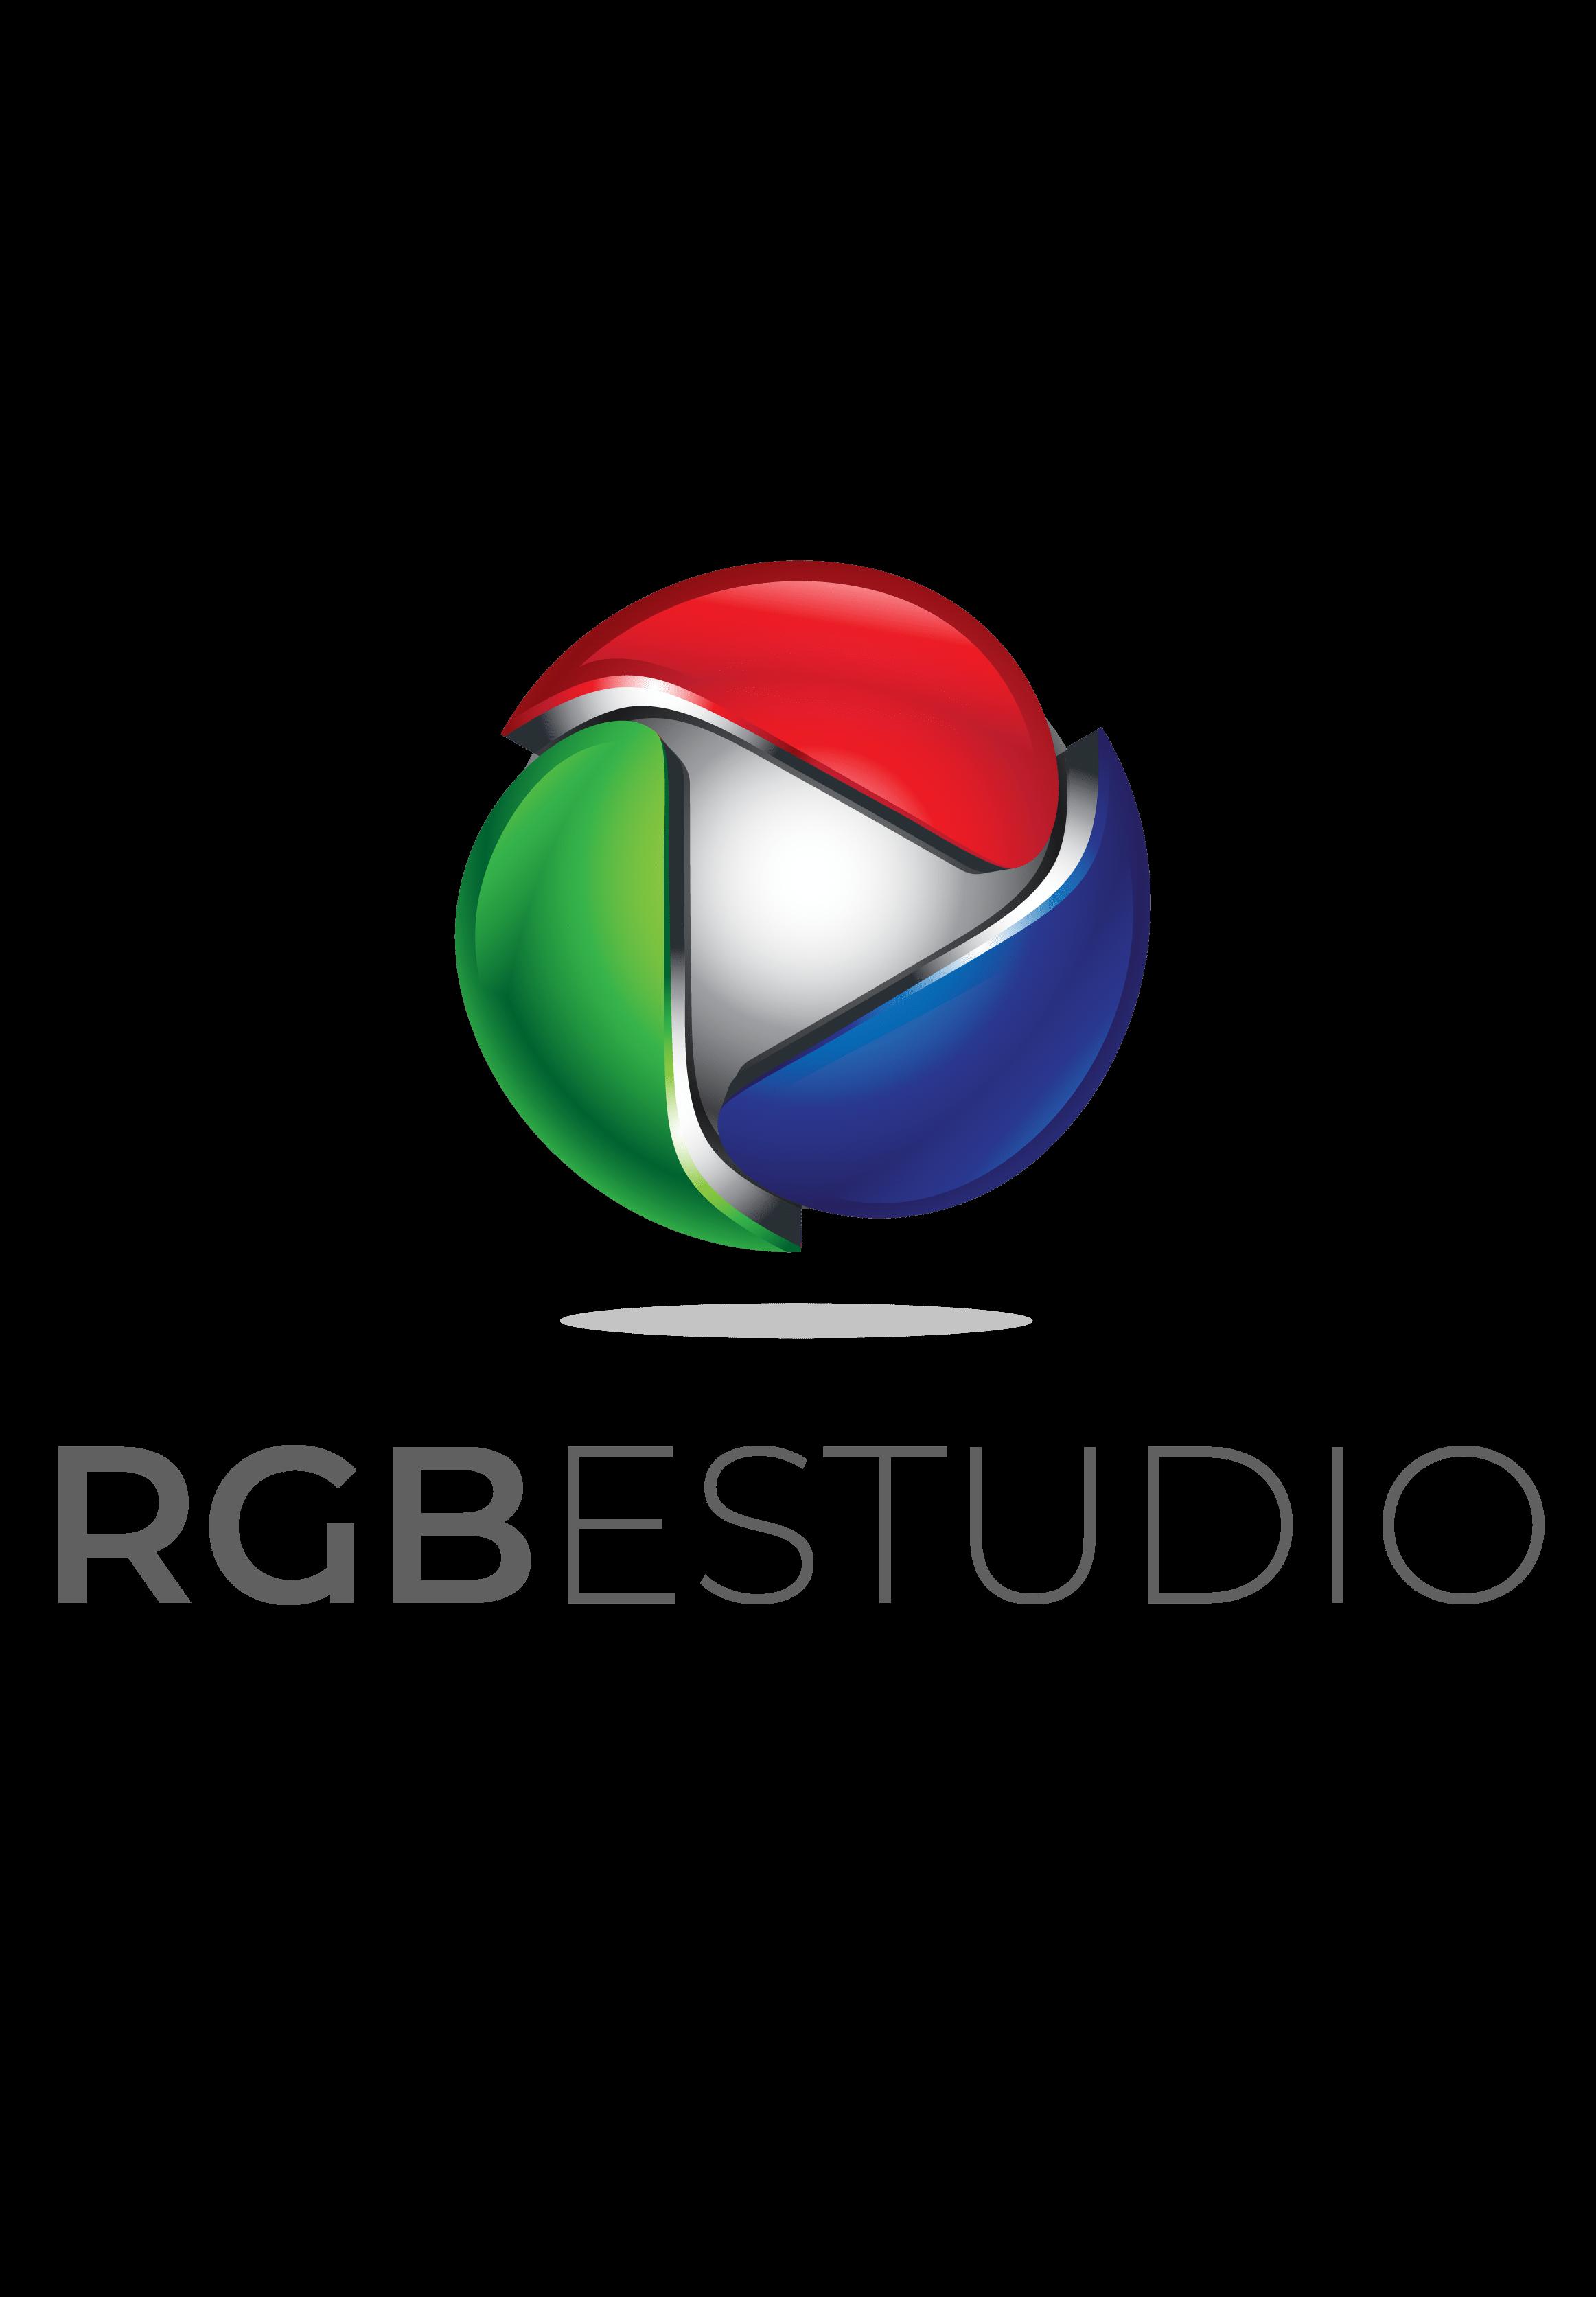 RGB Estudio